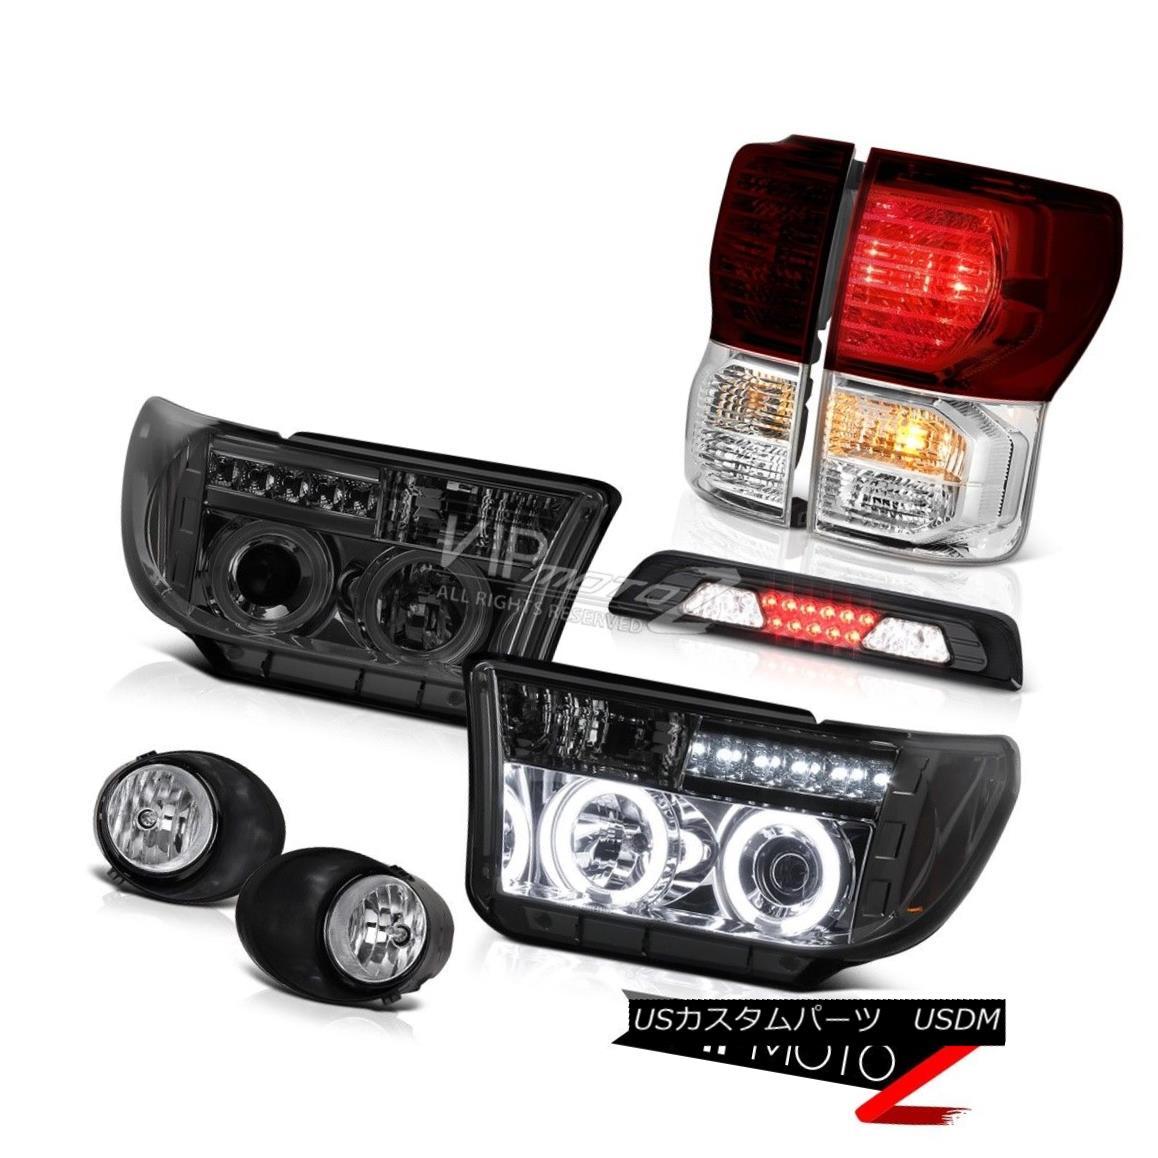 ヘッドライト 2007-2013 Toyota Tundra SR5 Foglamps Smoked Roof Cargo Lamp Tail Lamps Headlamps 2007-2013 Toyota Tundra SR5フォグランプスモーク屋根貨物ランプテールランプヘッドランプ